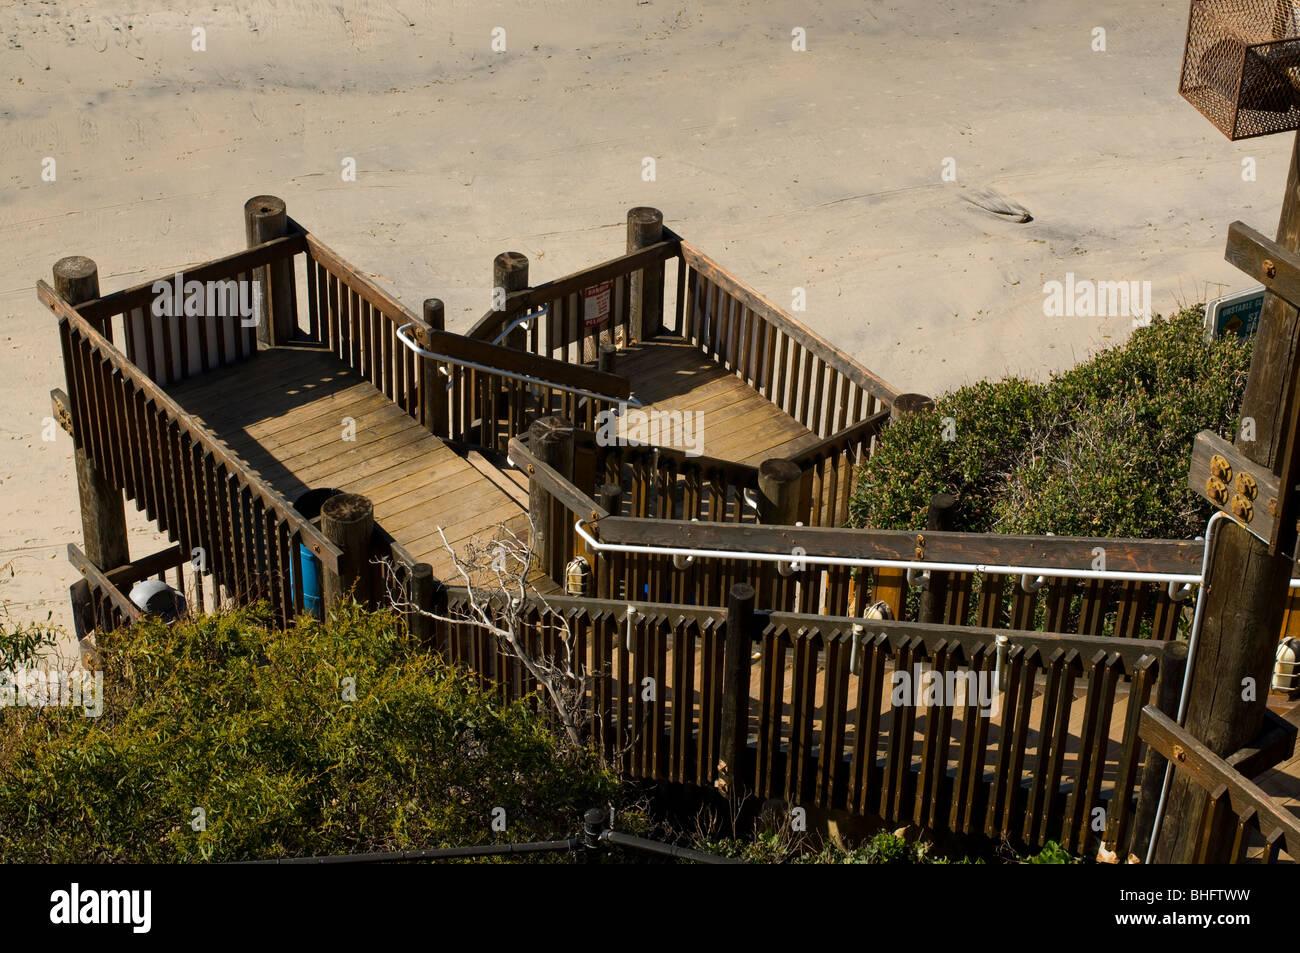 D Street Beach Access Stairs